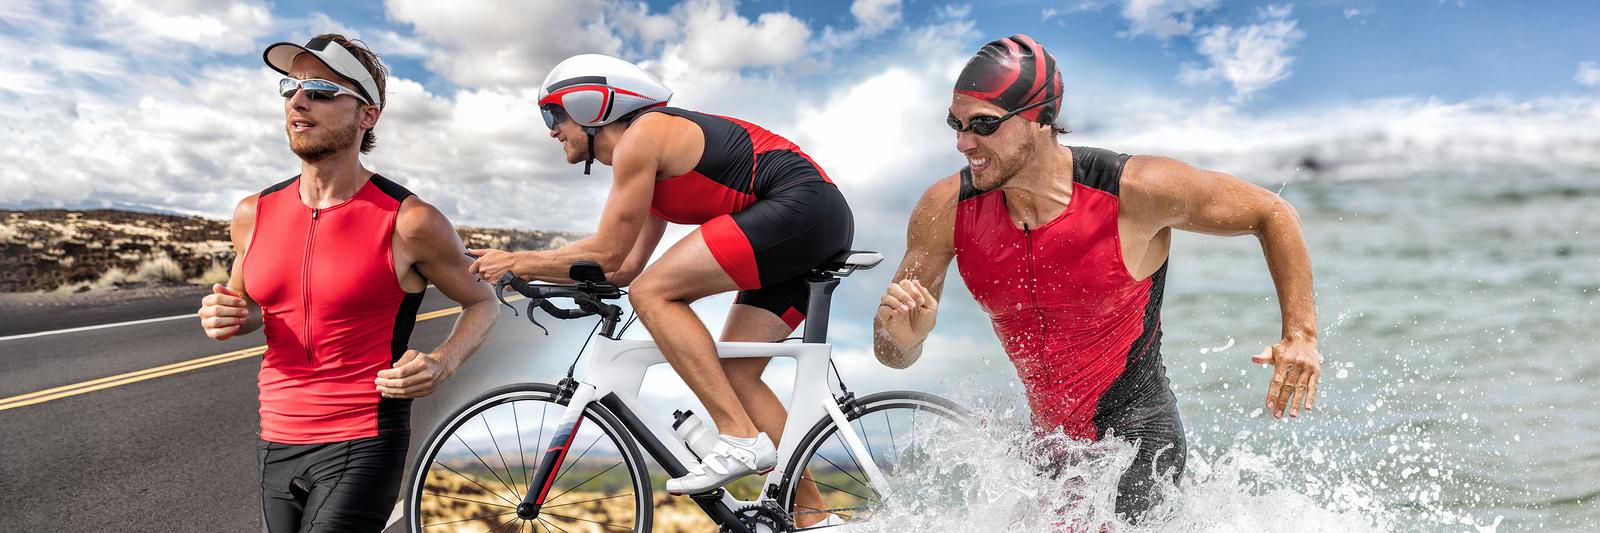 3N – Triathlon  🏊🏼♂️ 🚴🏼♂️ 🏃🏼♂️